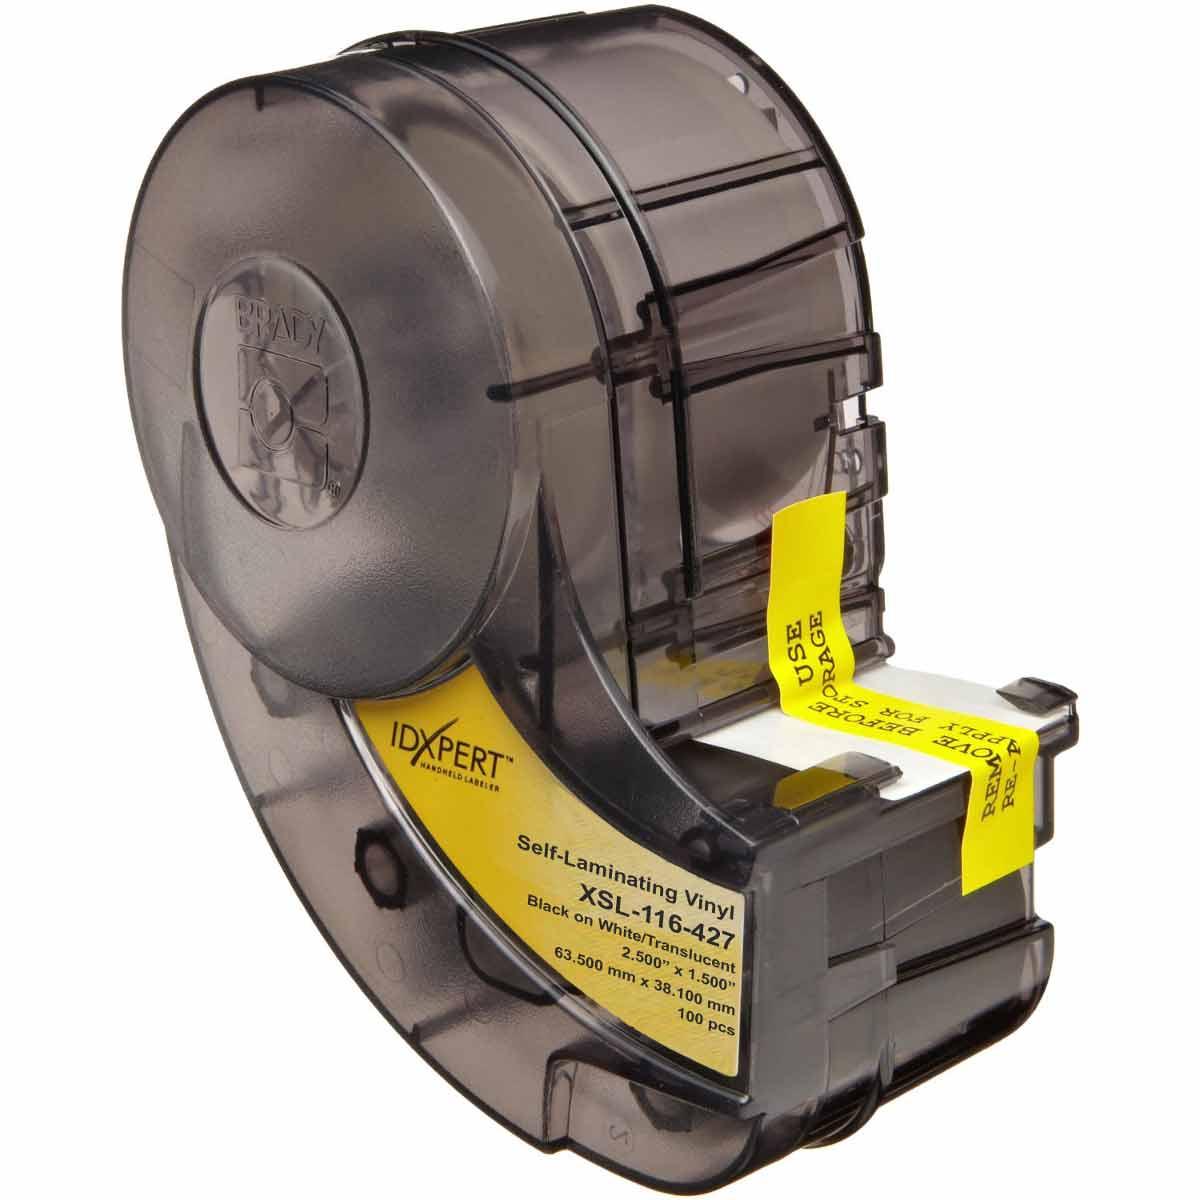 Etiqueta Fita XSL-116-427  IDXPERT Brady